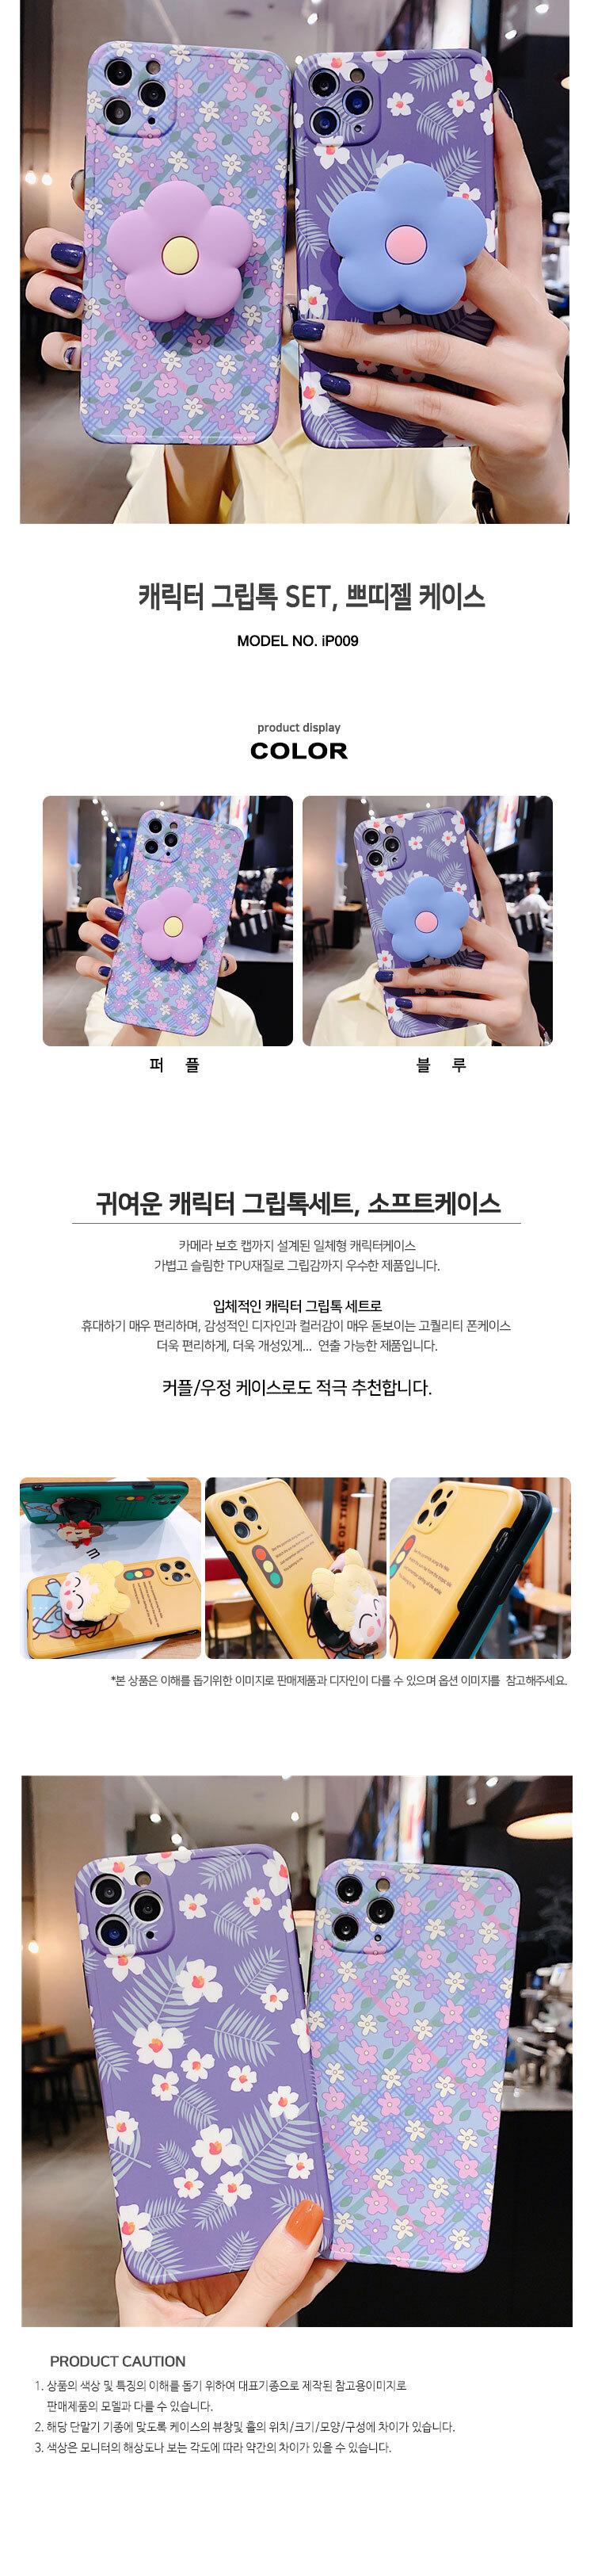 아이폰SE2 11프로 맥스 XR XS 8 7+ 카메라보호 플라워 패턴 그립톡 실리콘 케이스 - 유니커블, 8,900원, 케이스, 아이폰 SE2